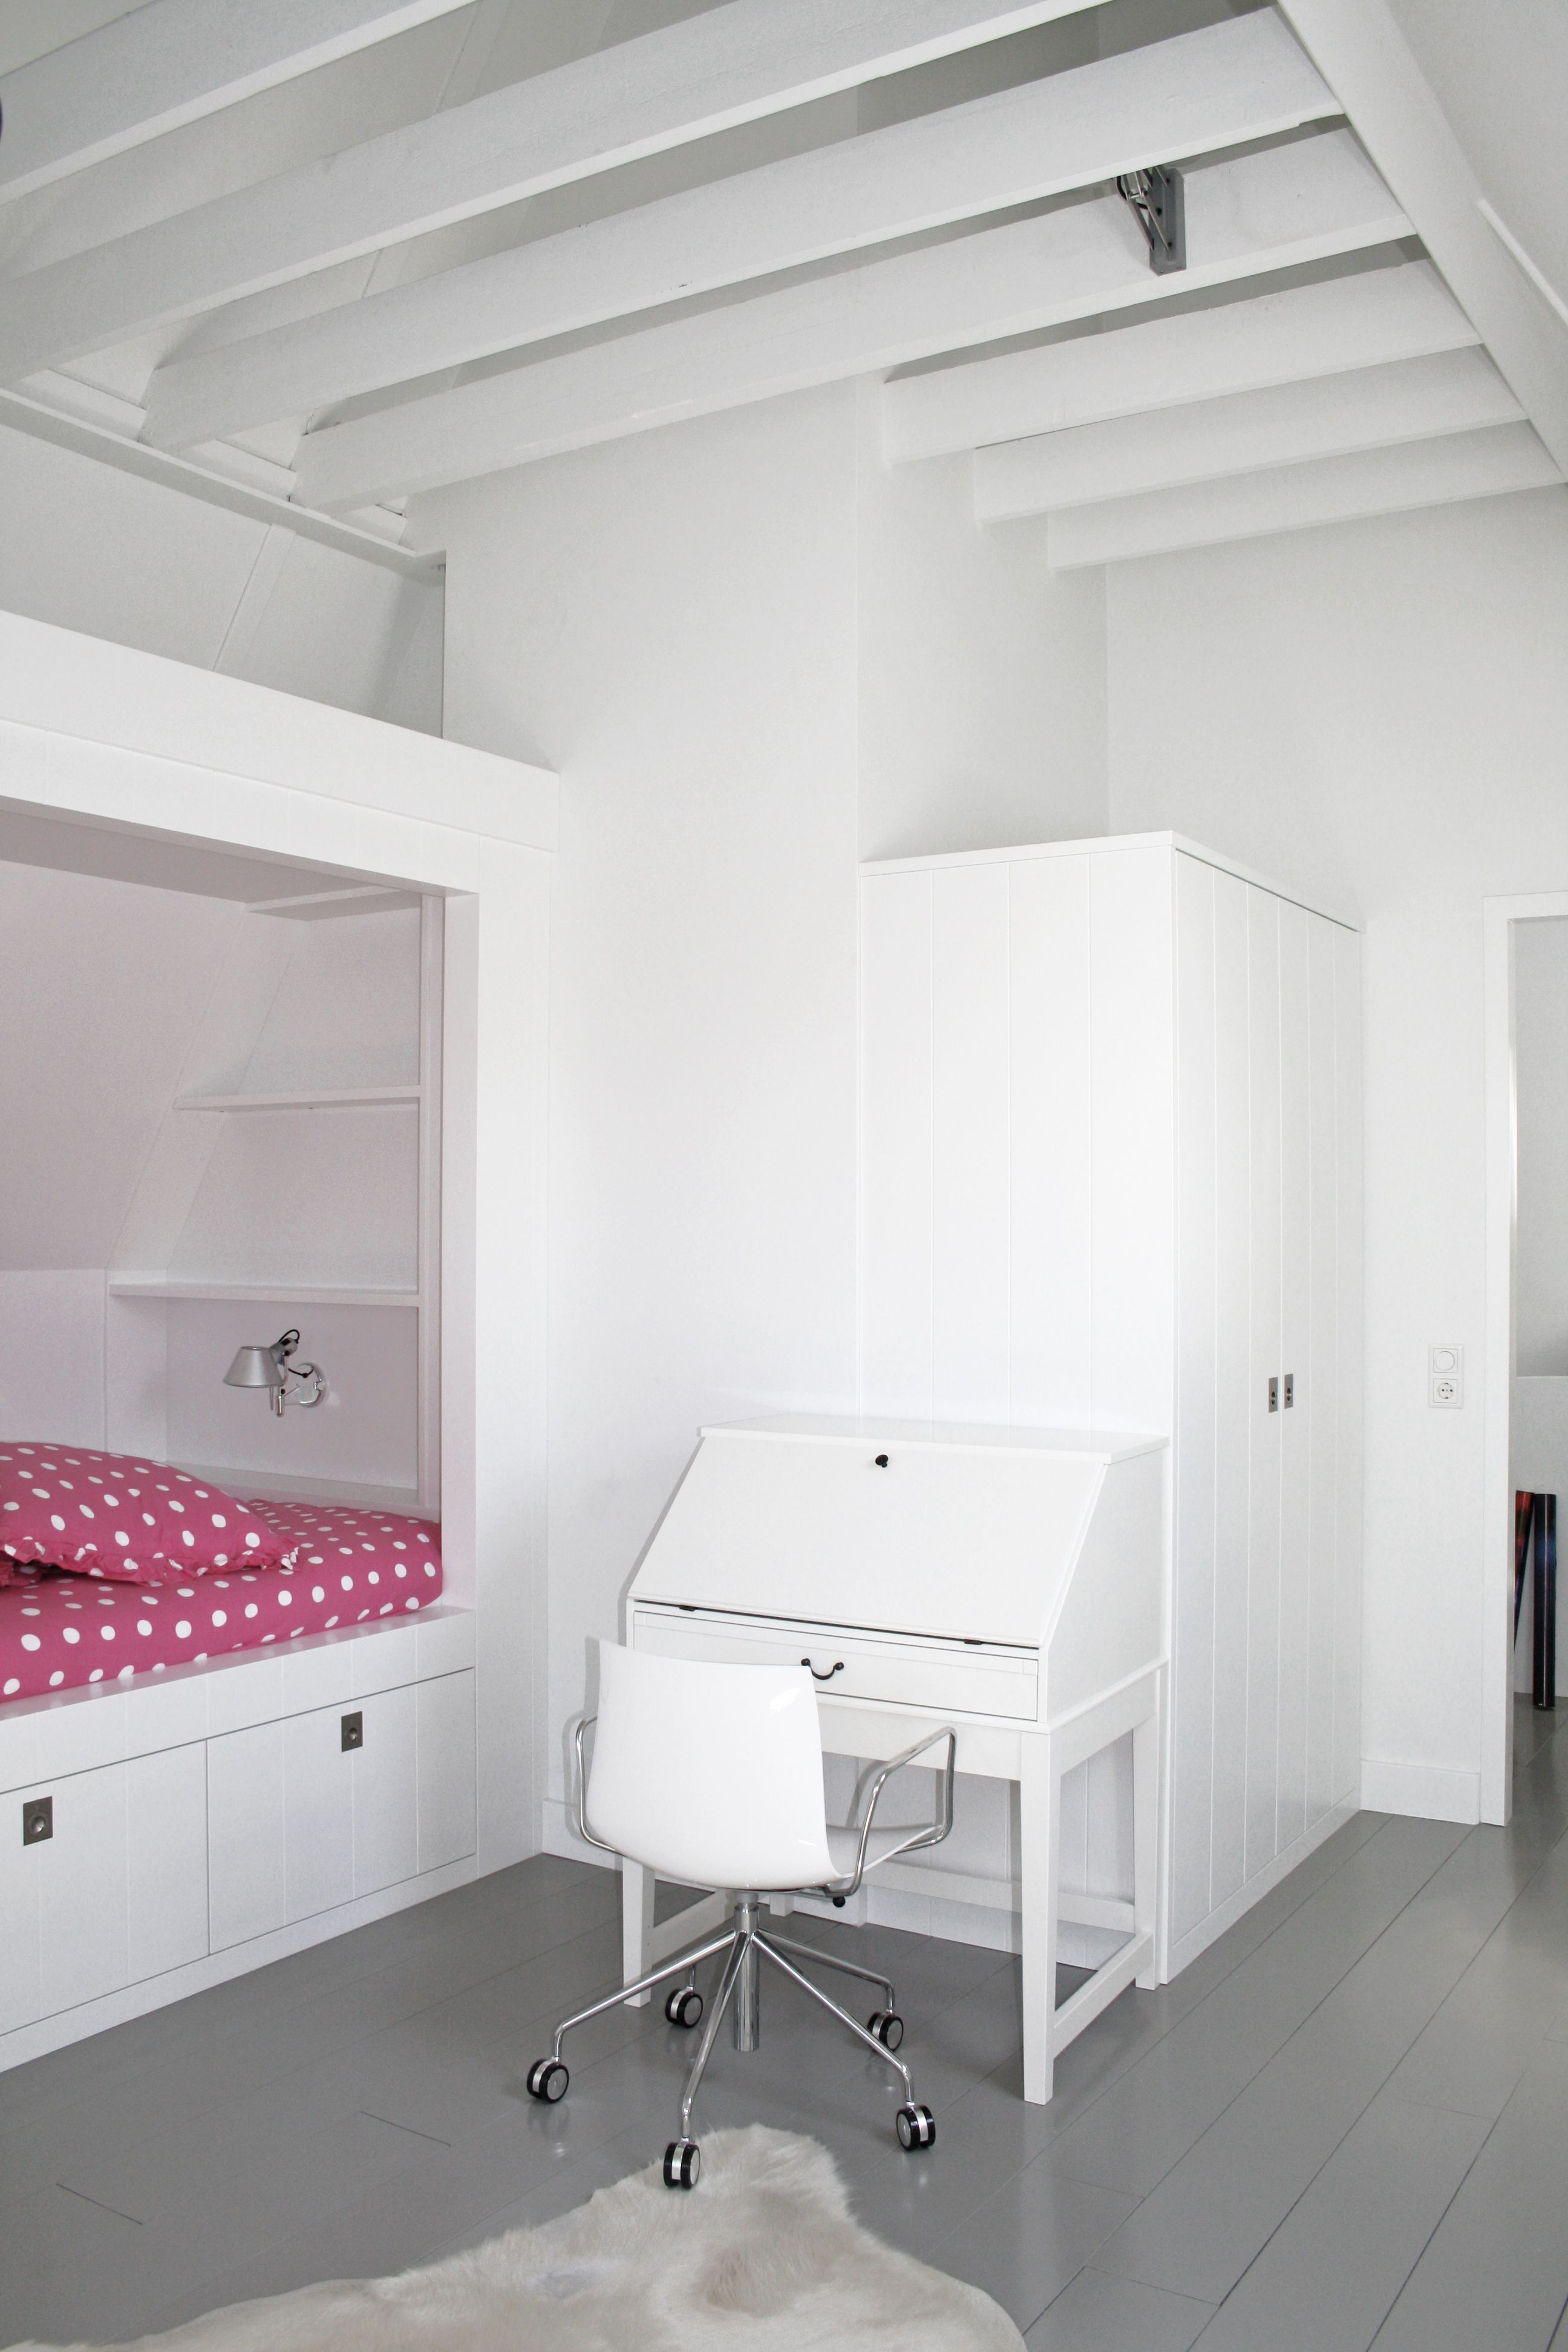 Slaapkamer bed onder schuin dak grijze houten vloer